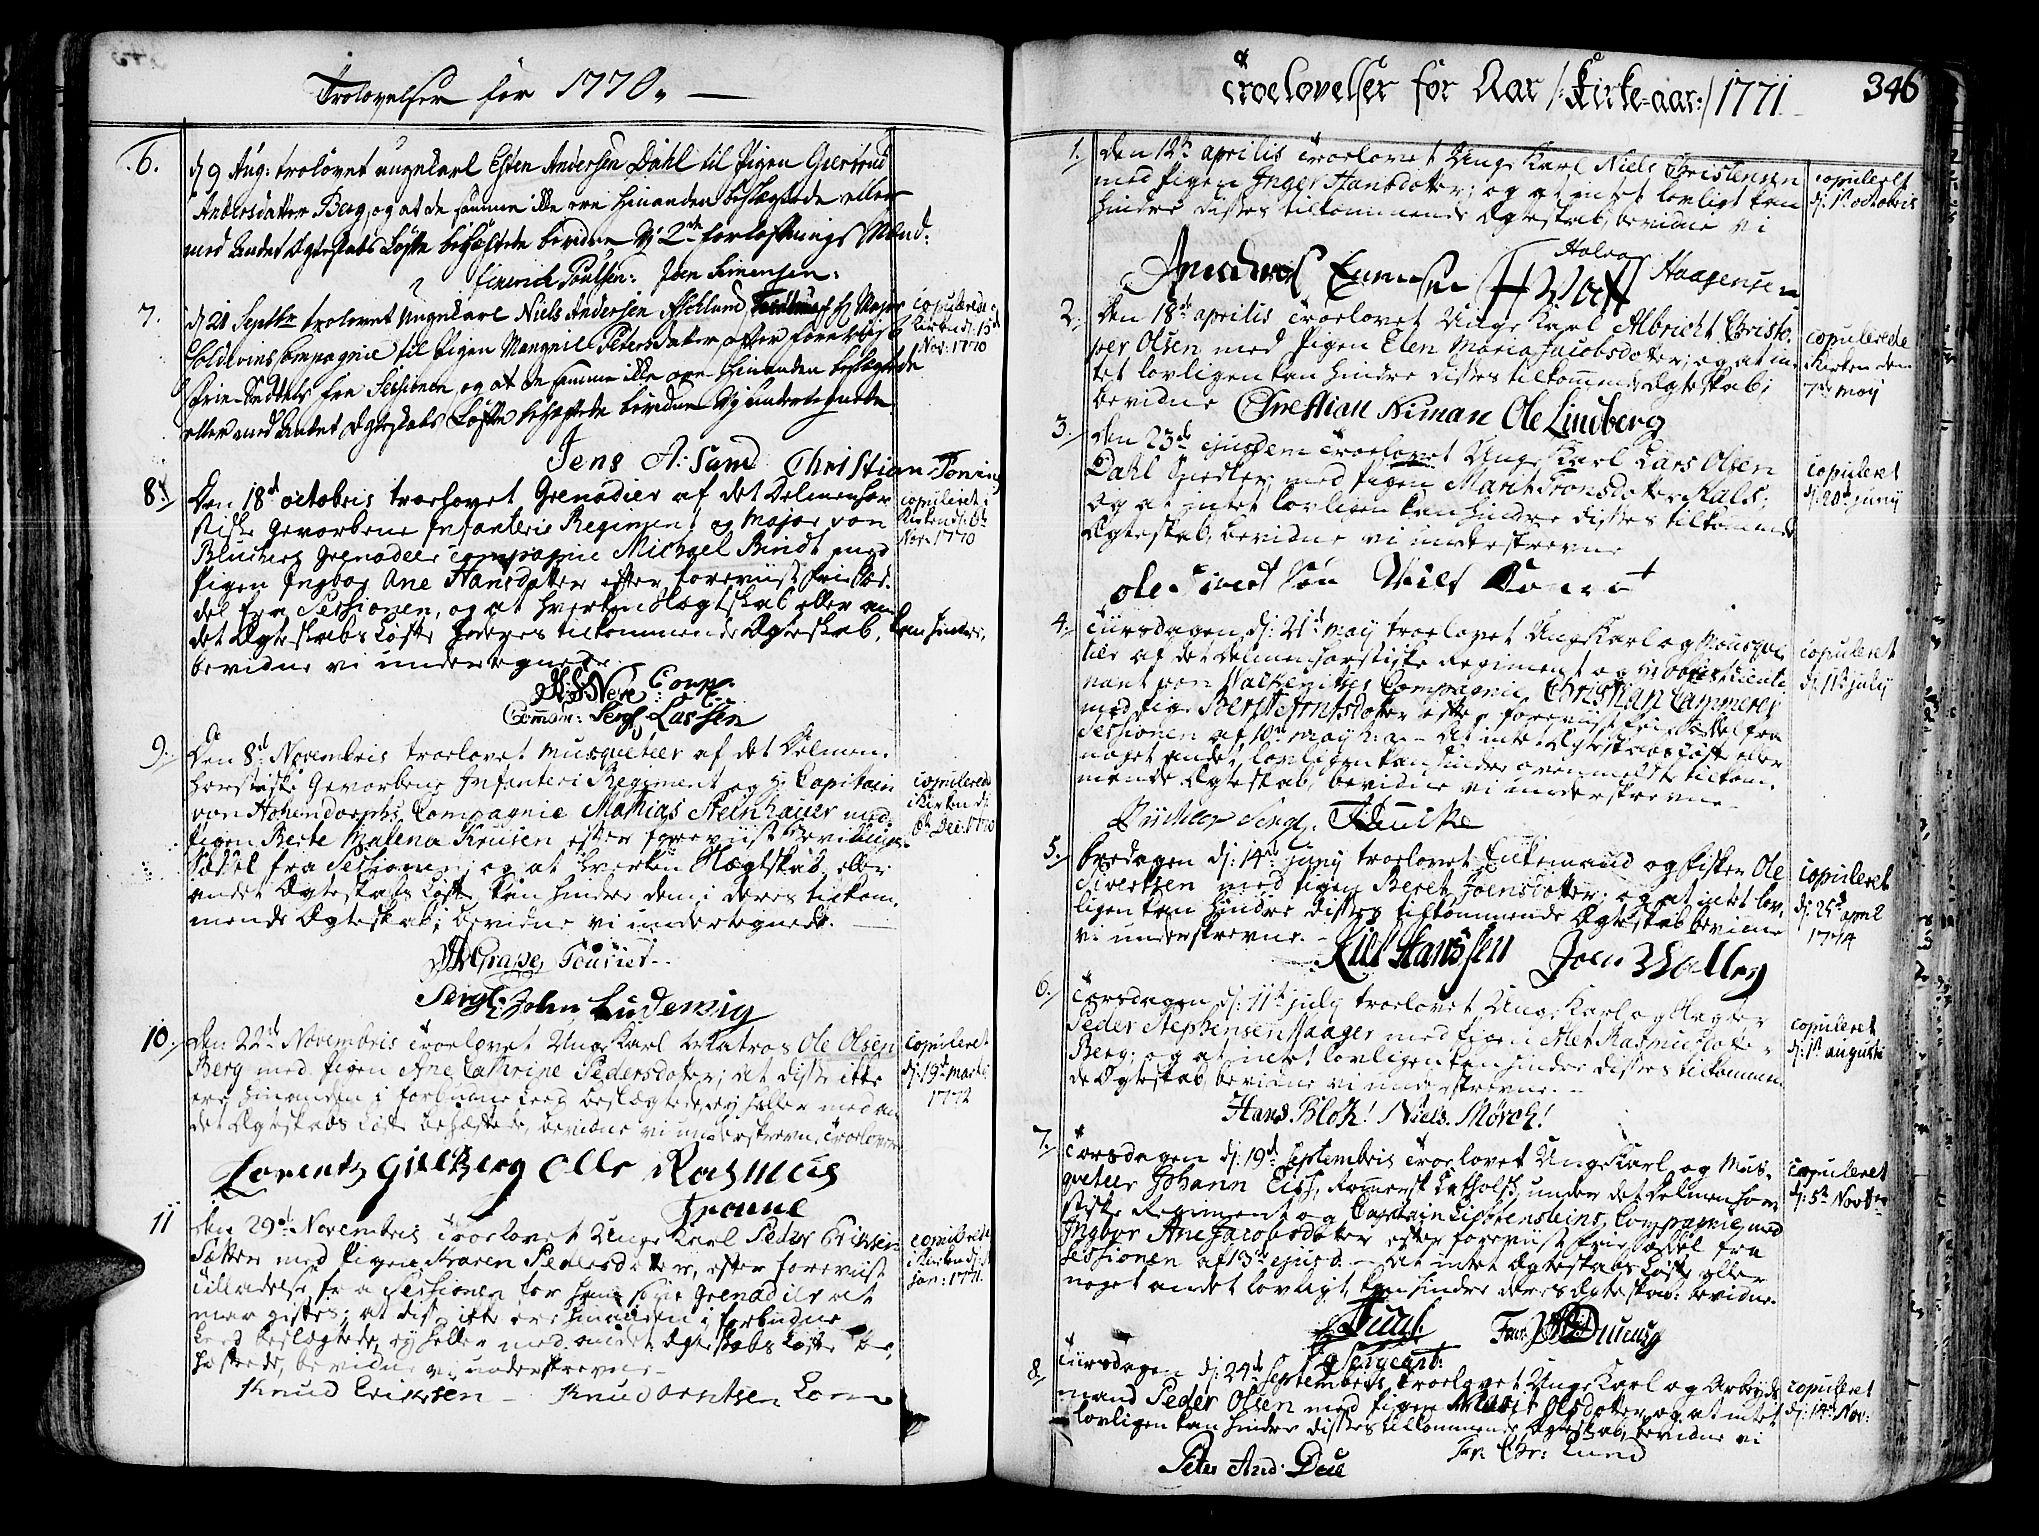 SAT, Ministerialprotokoller, klokkerbøker og fødselsregistre - Sør-Trøndelag, 602/L0103: Ministerialbok nr. 602A01, 1732-1774, s. 346